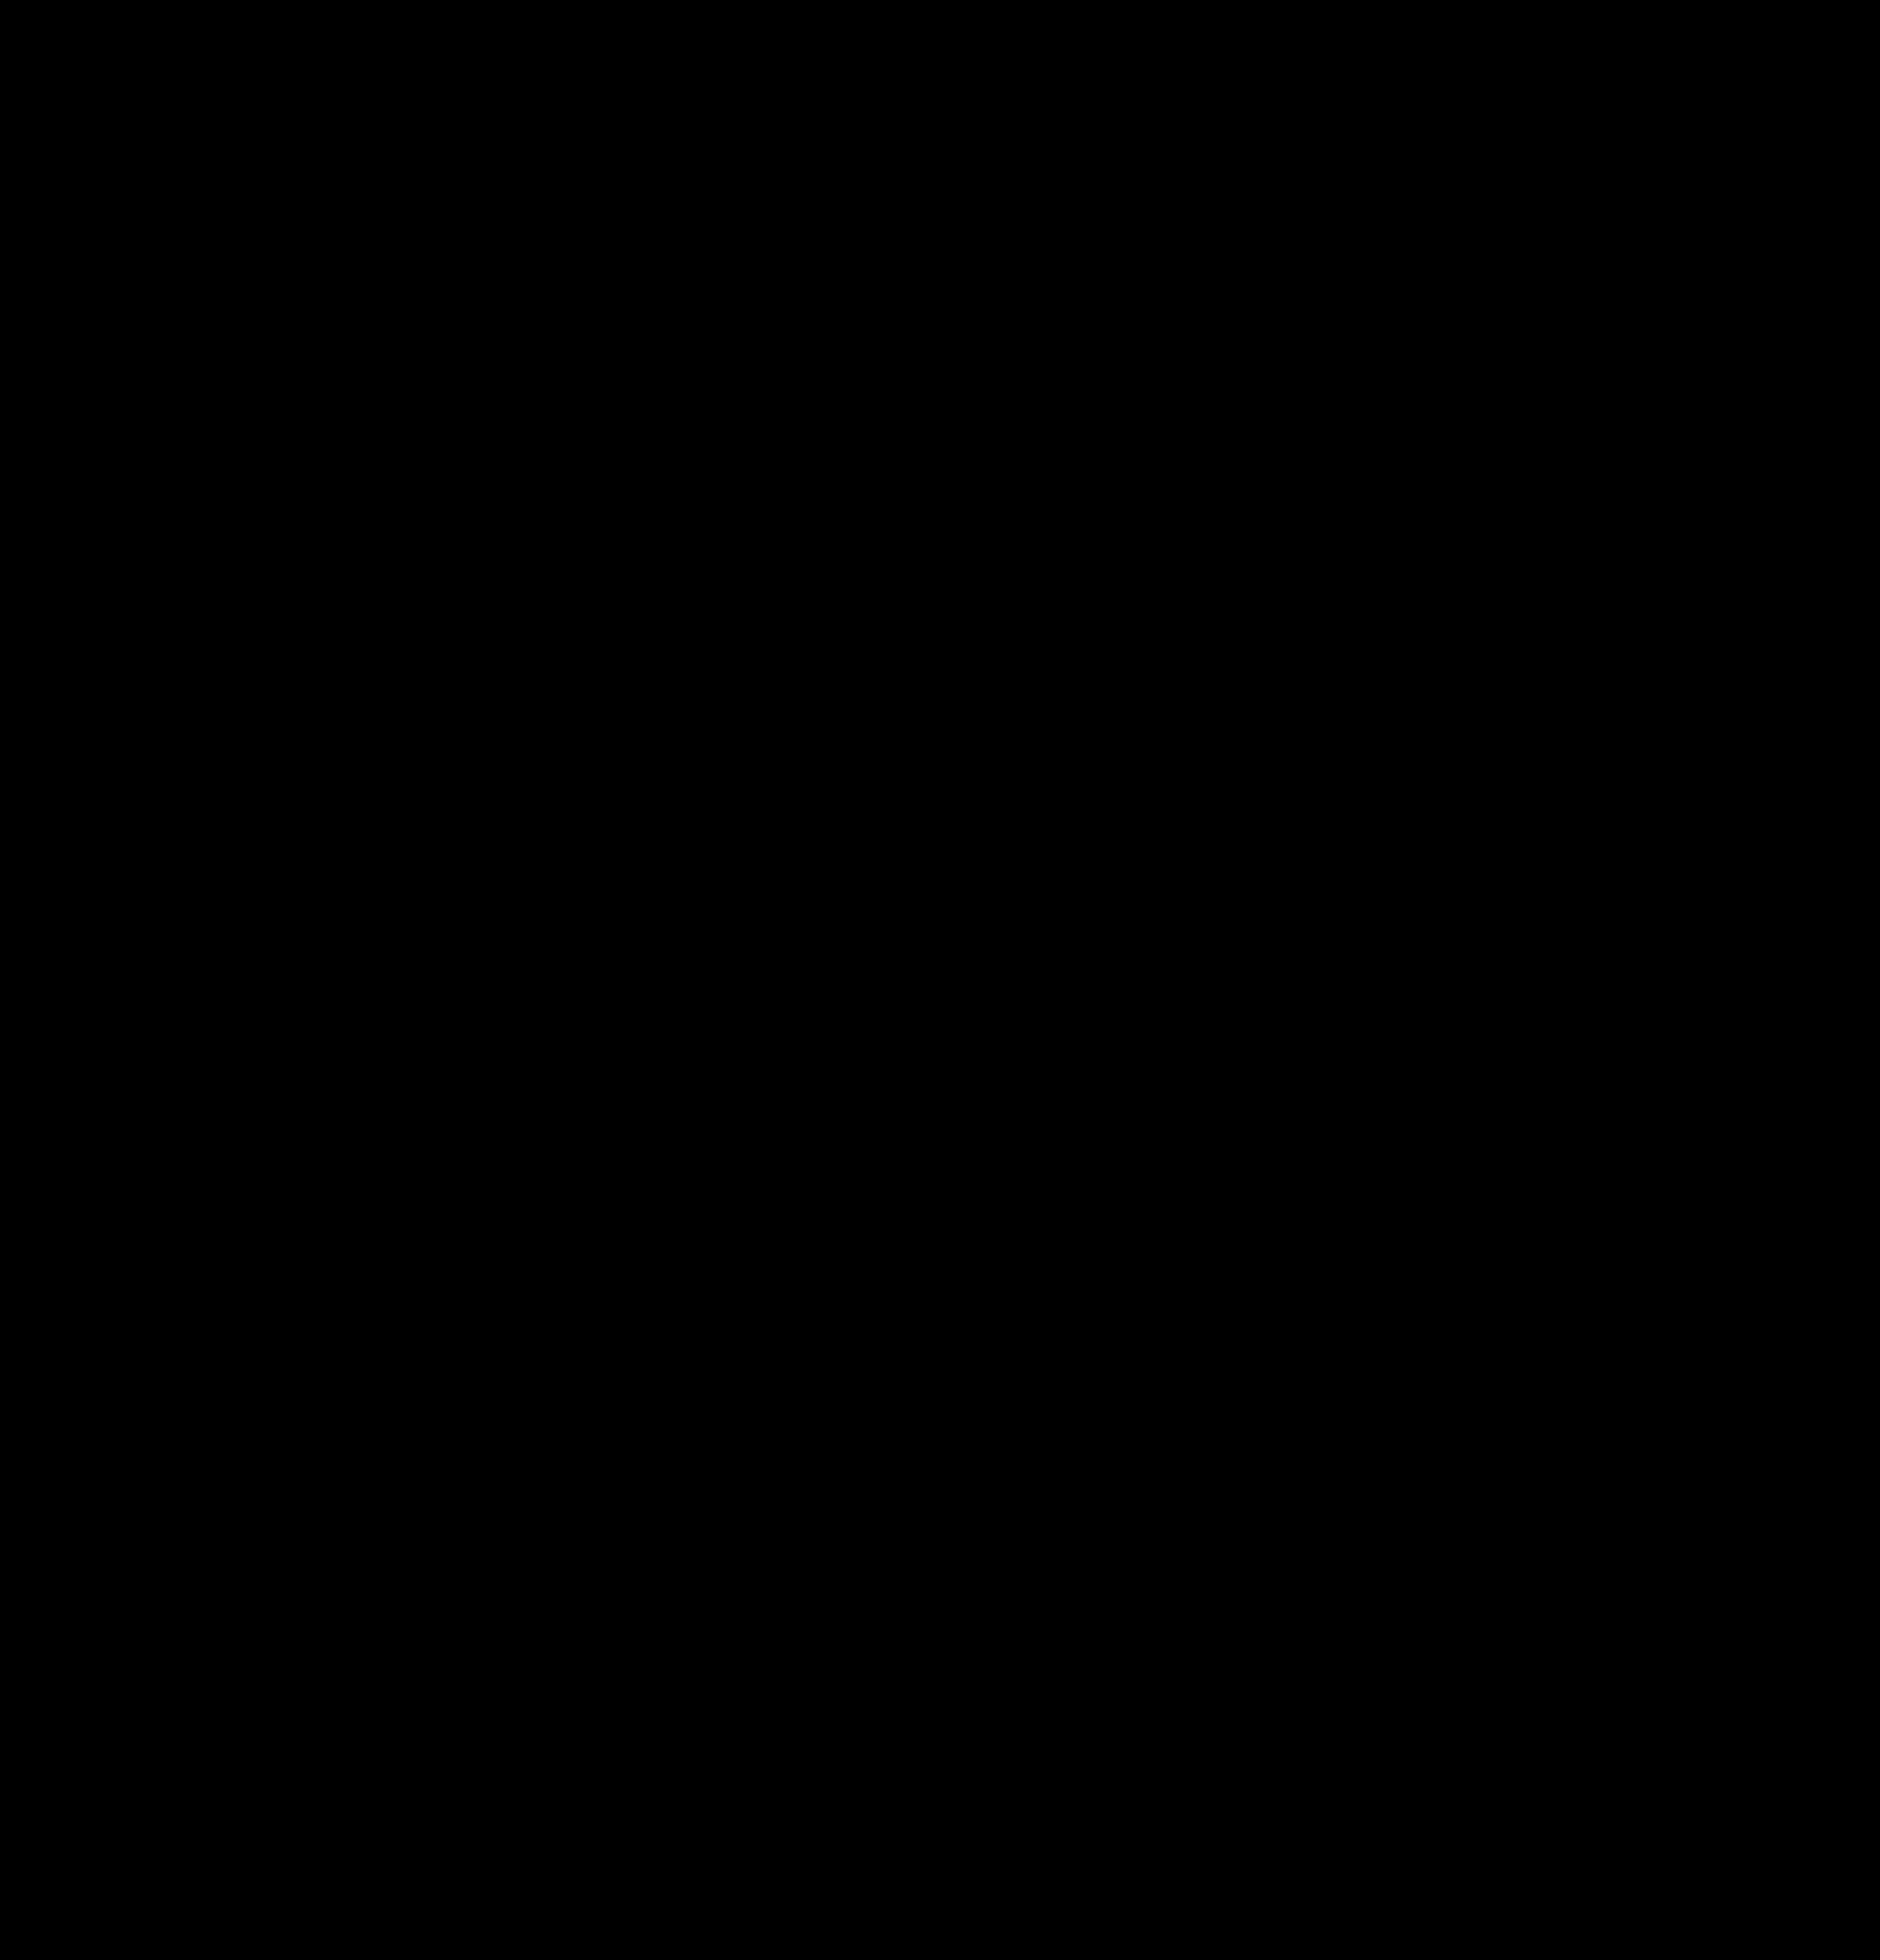 Dragon silhouette clip.